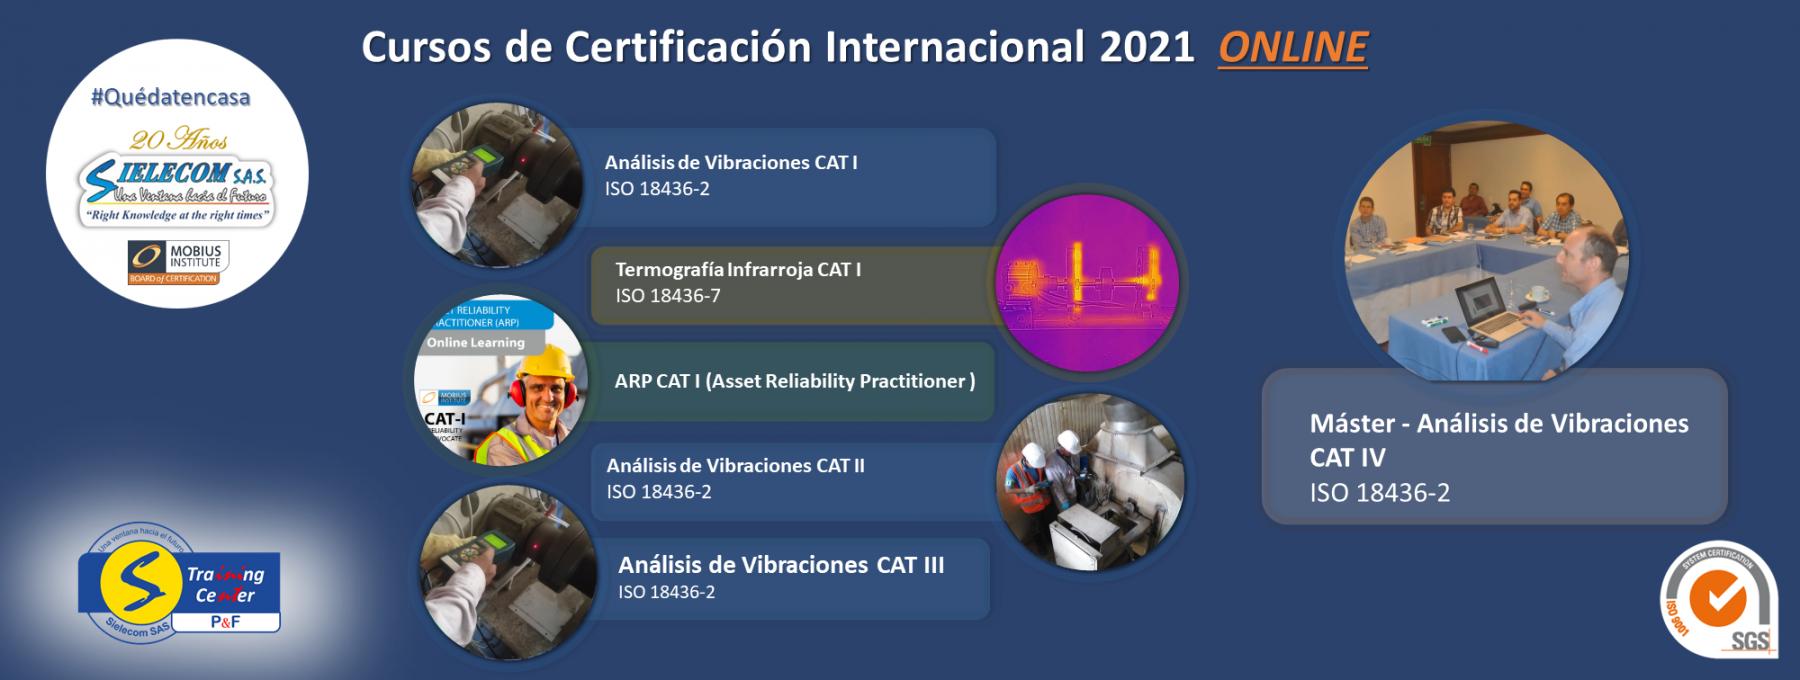 SIELECOM S.A.S | Cursos de certificación 2020